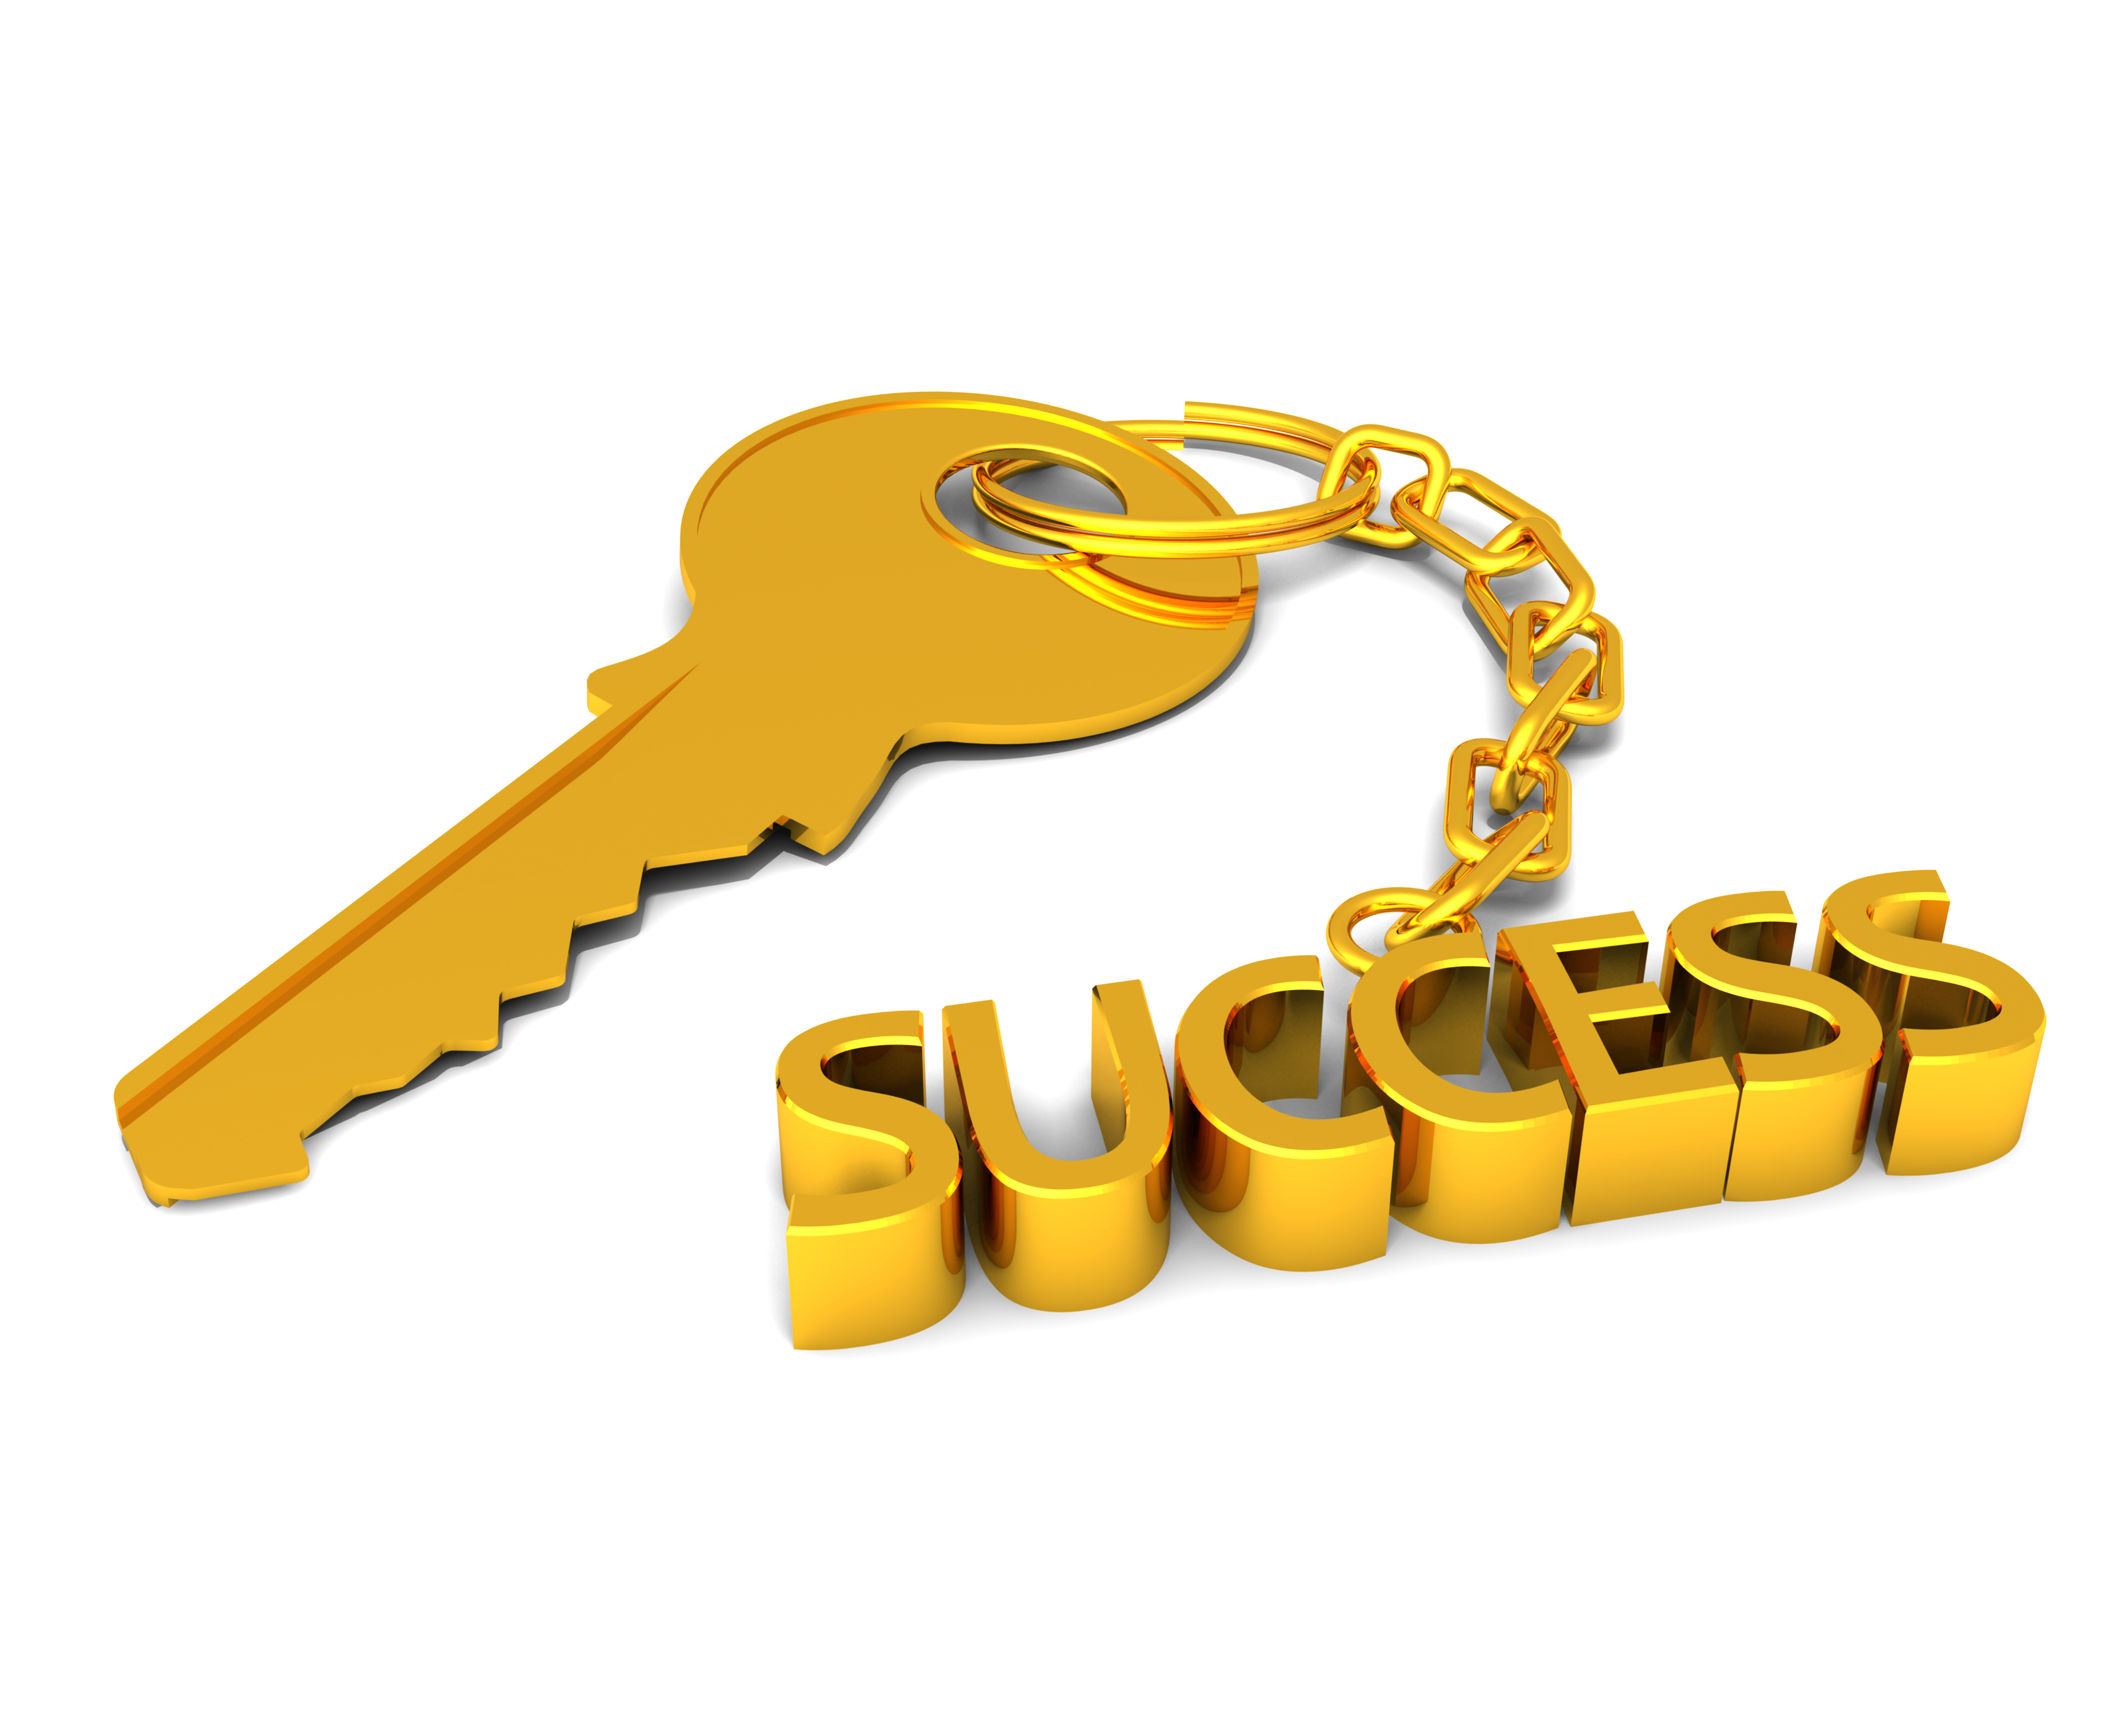 كيف تصنع النجاح؟